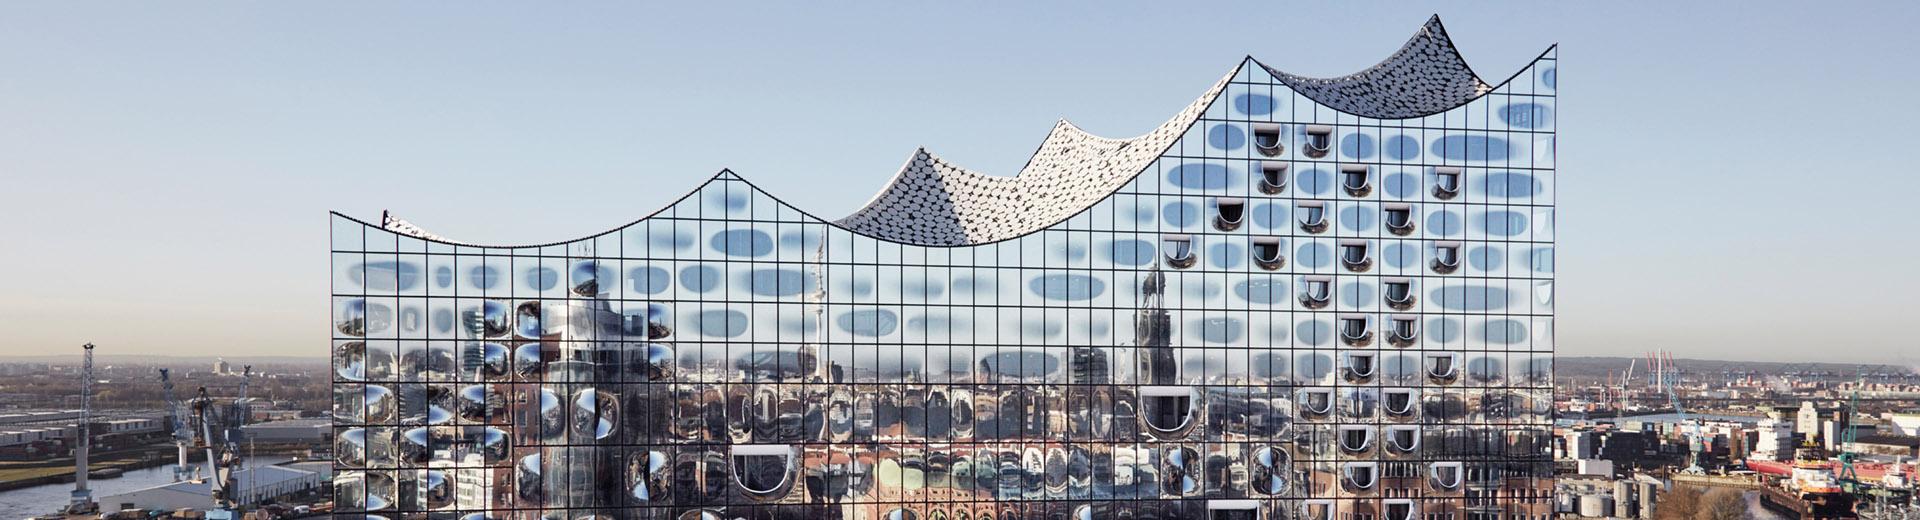 Elbphilharmonie Hambourg